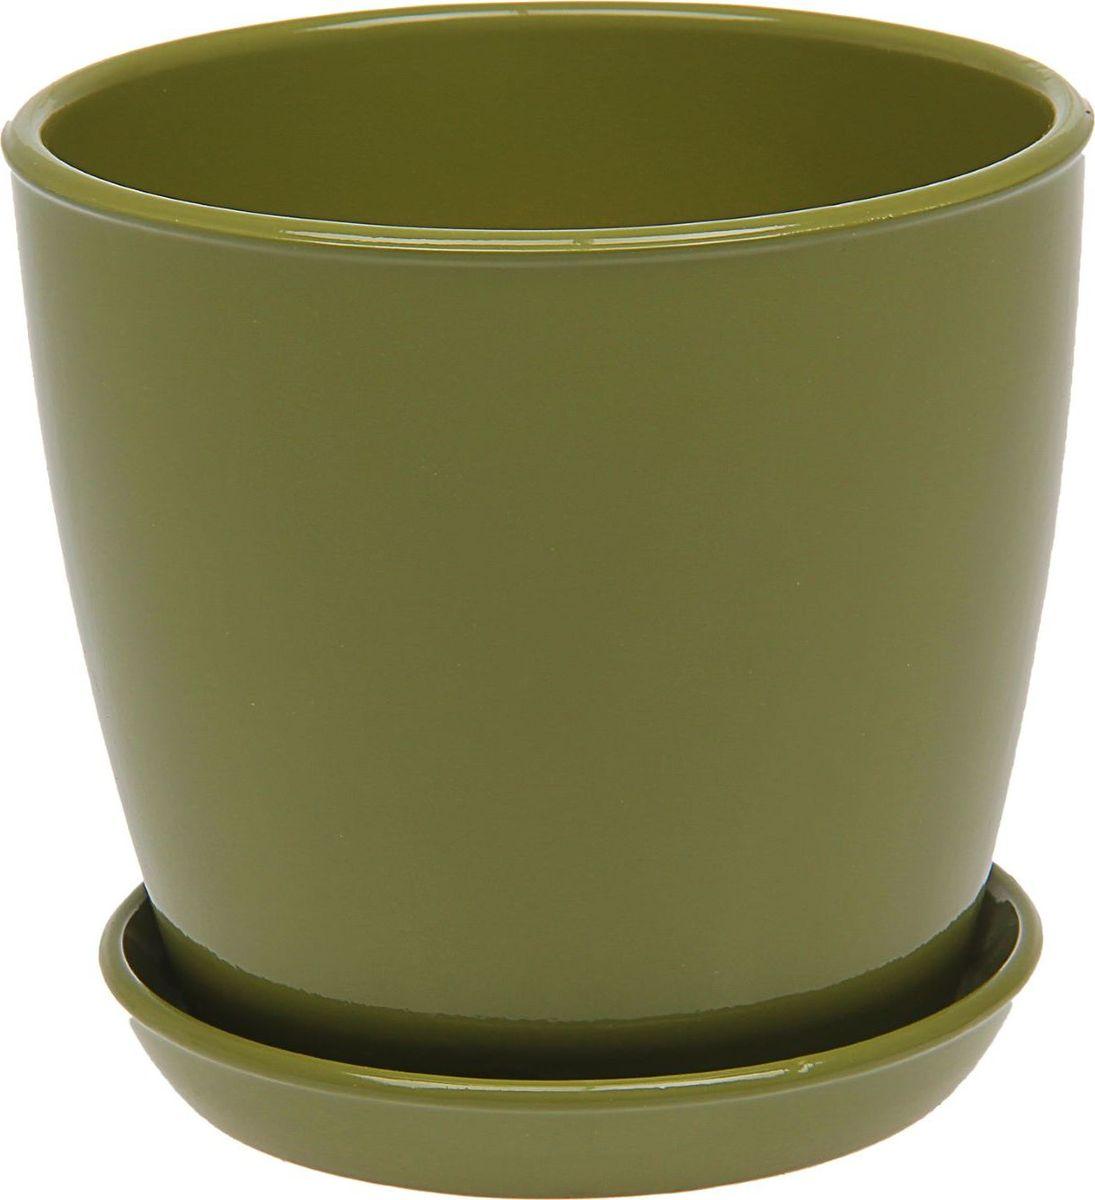 Кашпо Керамика ручной работы Виктория, цвет: оливковый, 4 л подставки для кашпо